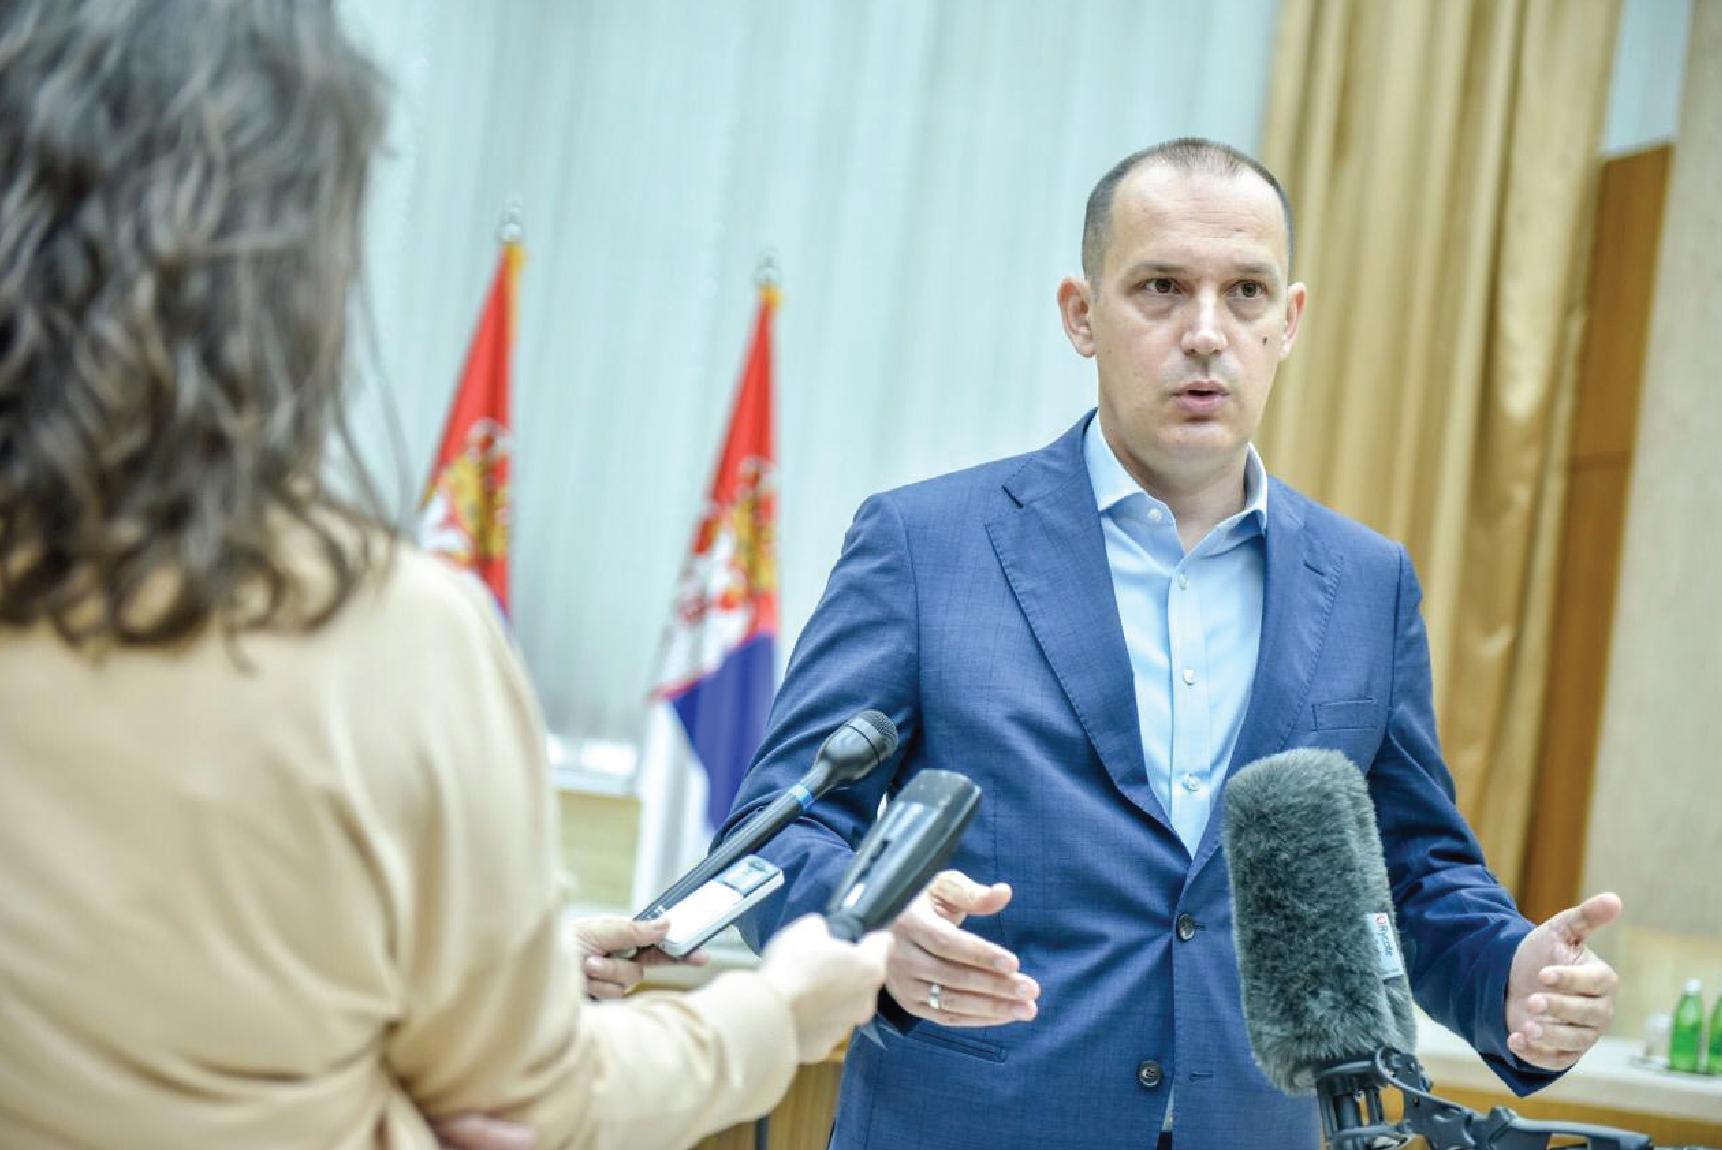 План да из ковид система следећи изађу Мишовић и Земунска болница